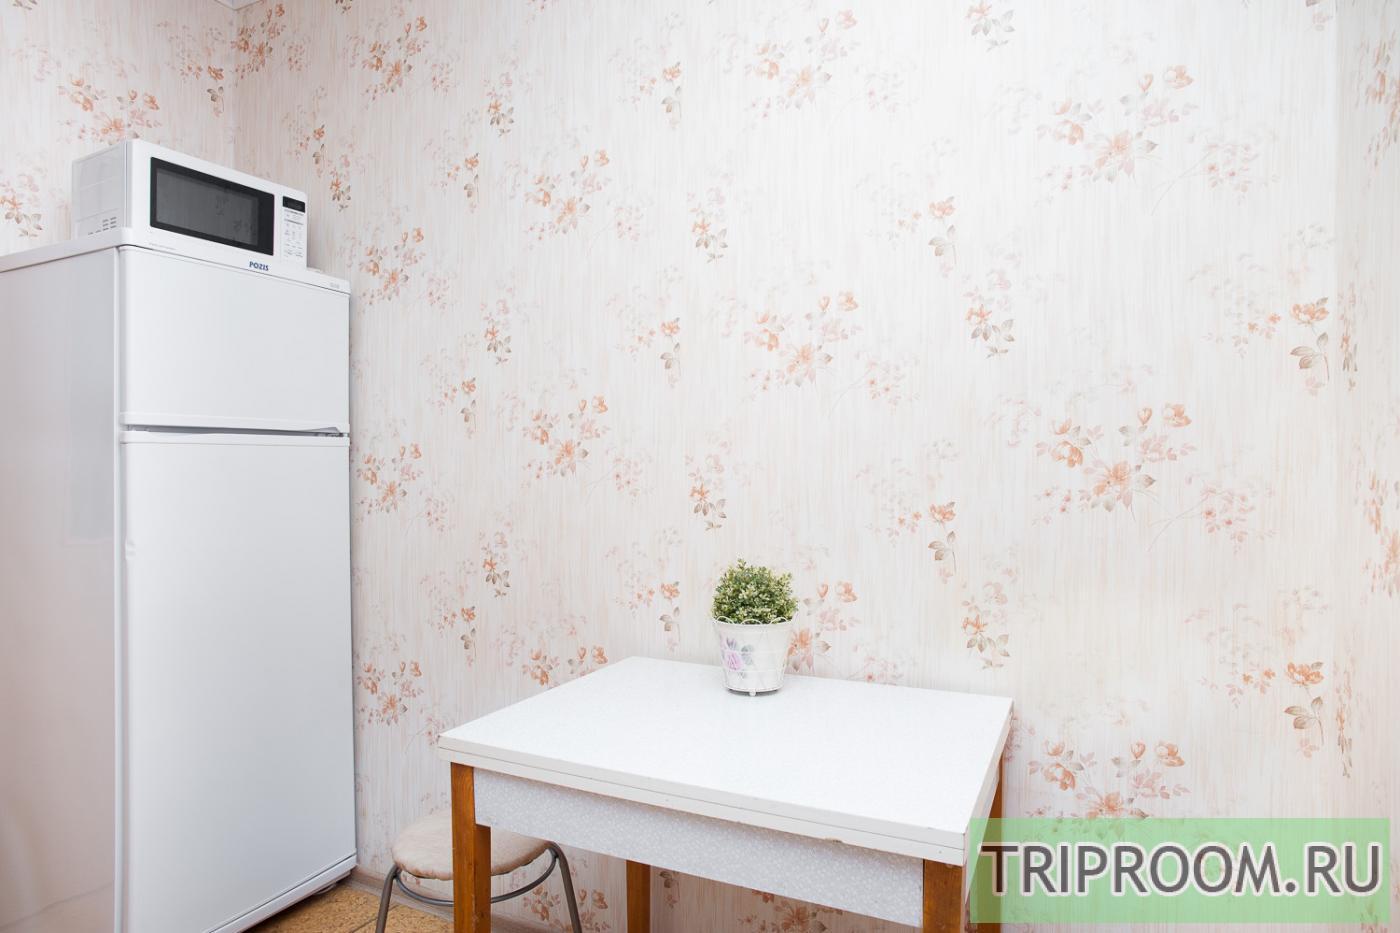 1-комнатная квартира посуточно (вариант № 14273), ул. Веневская улица, фото № 3